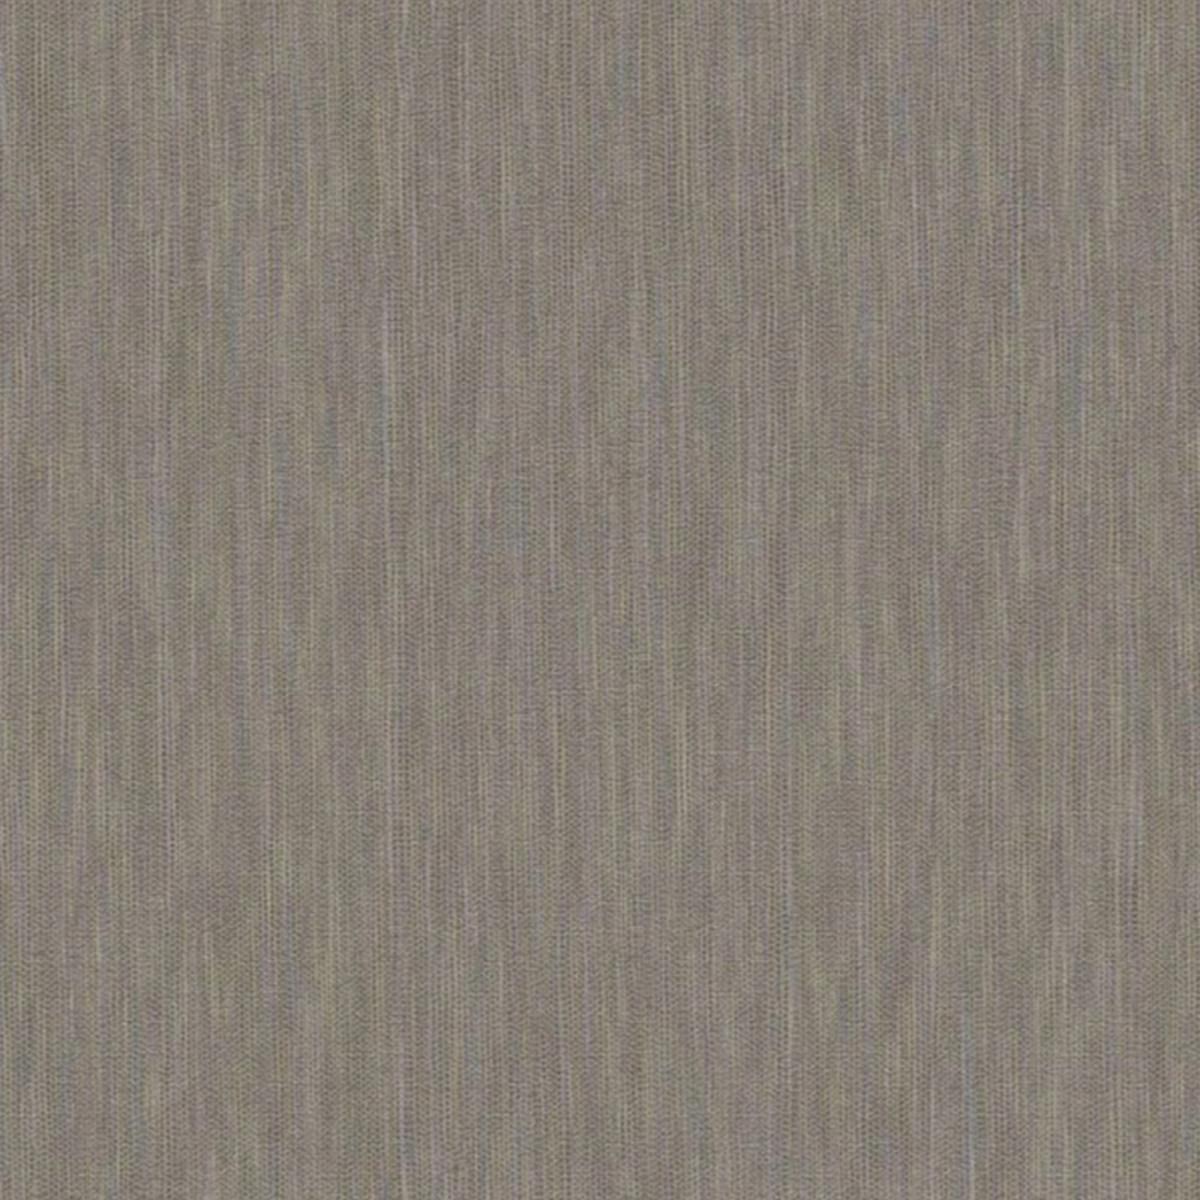 Обои флизелиновые Prospero Raw Elegance серые 0.53 м 343-347314